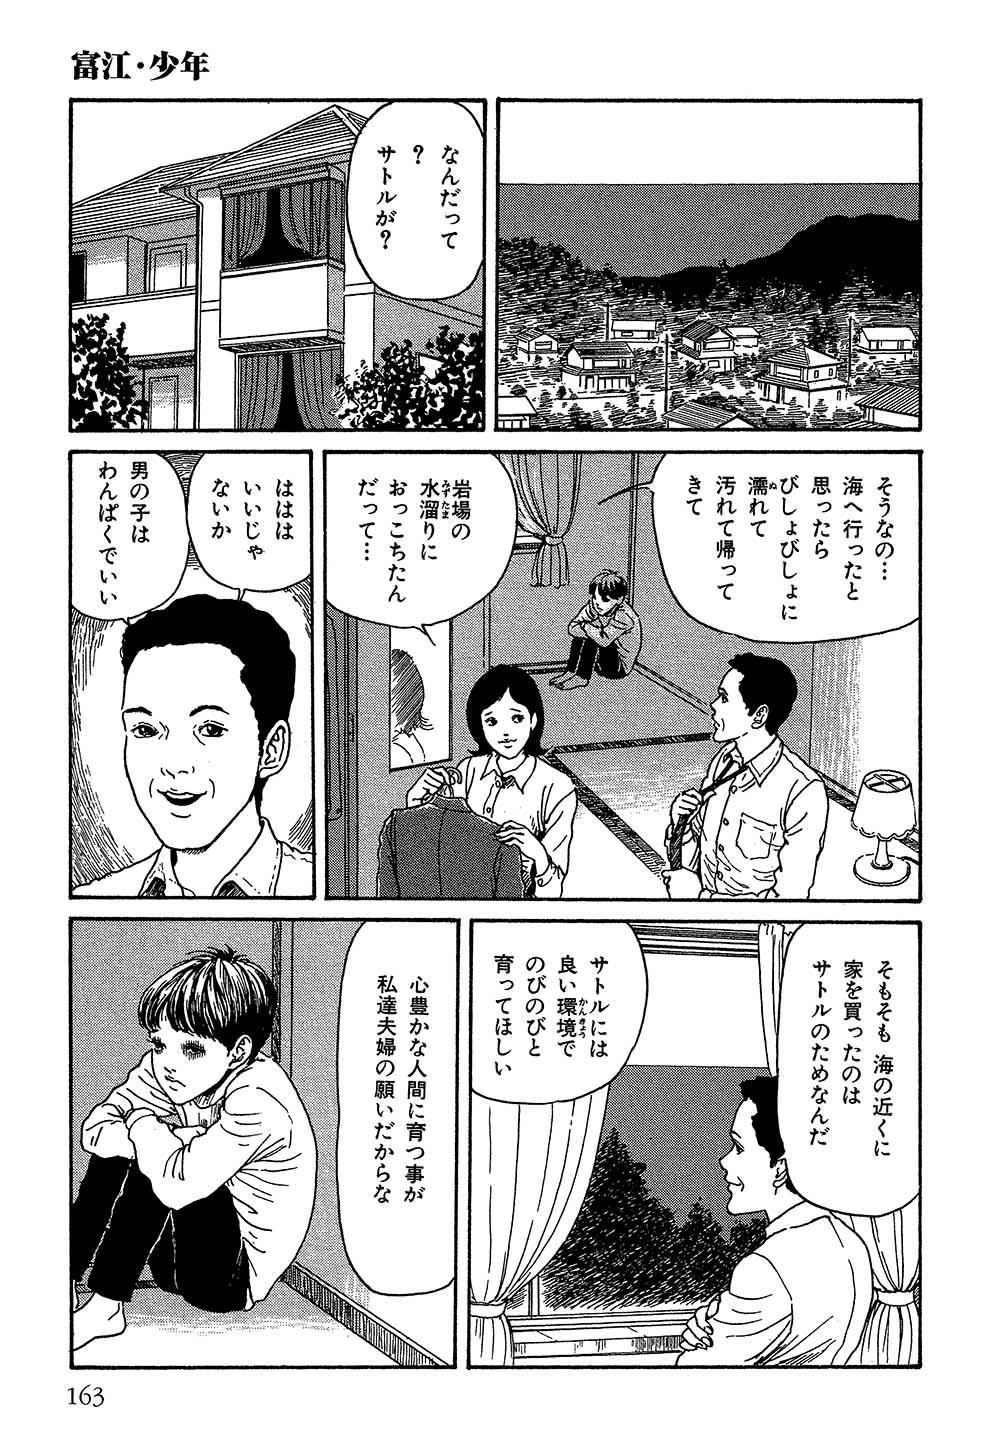 itouj_0002_0165.jpg